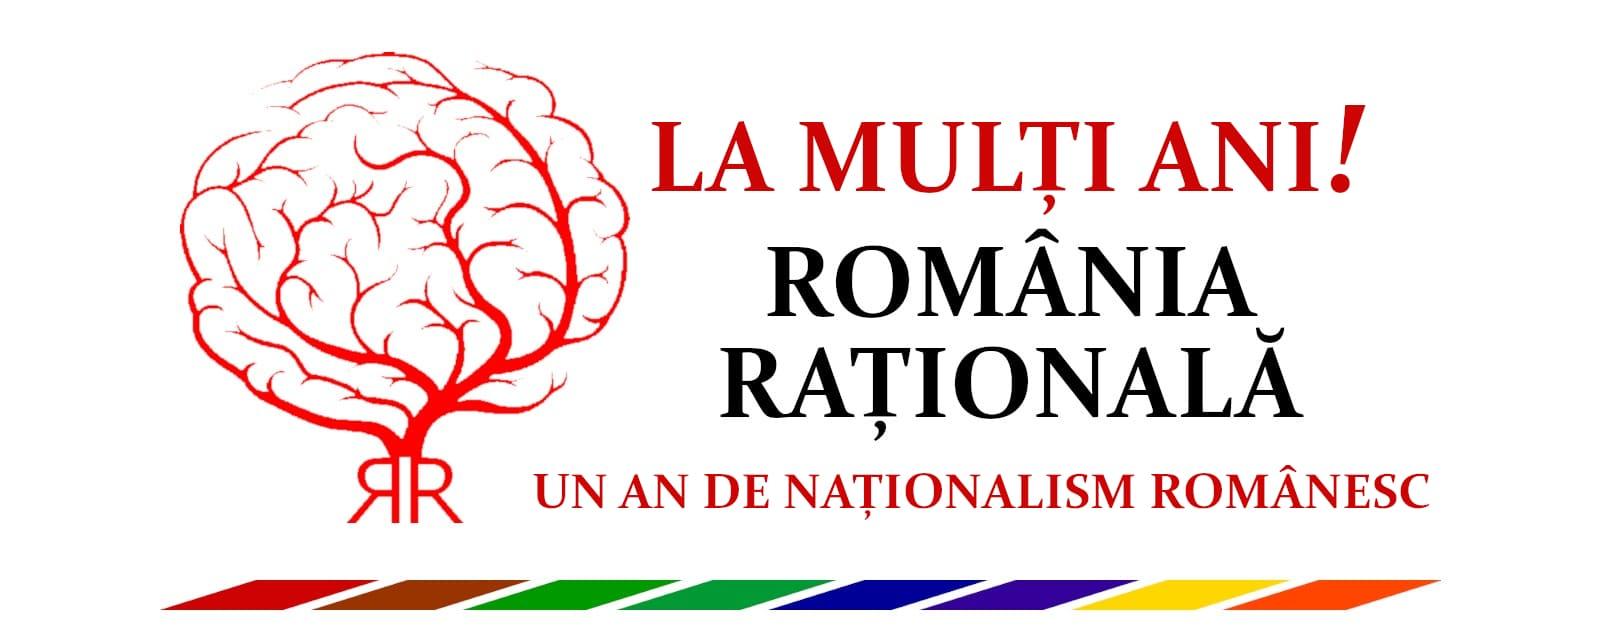 ROMÂNIA RAȚIONALĂ - UN AN DE NAȚIONALISM ROMÂNESC !